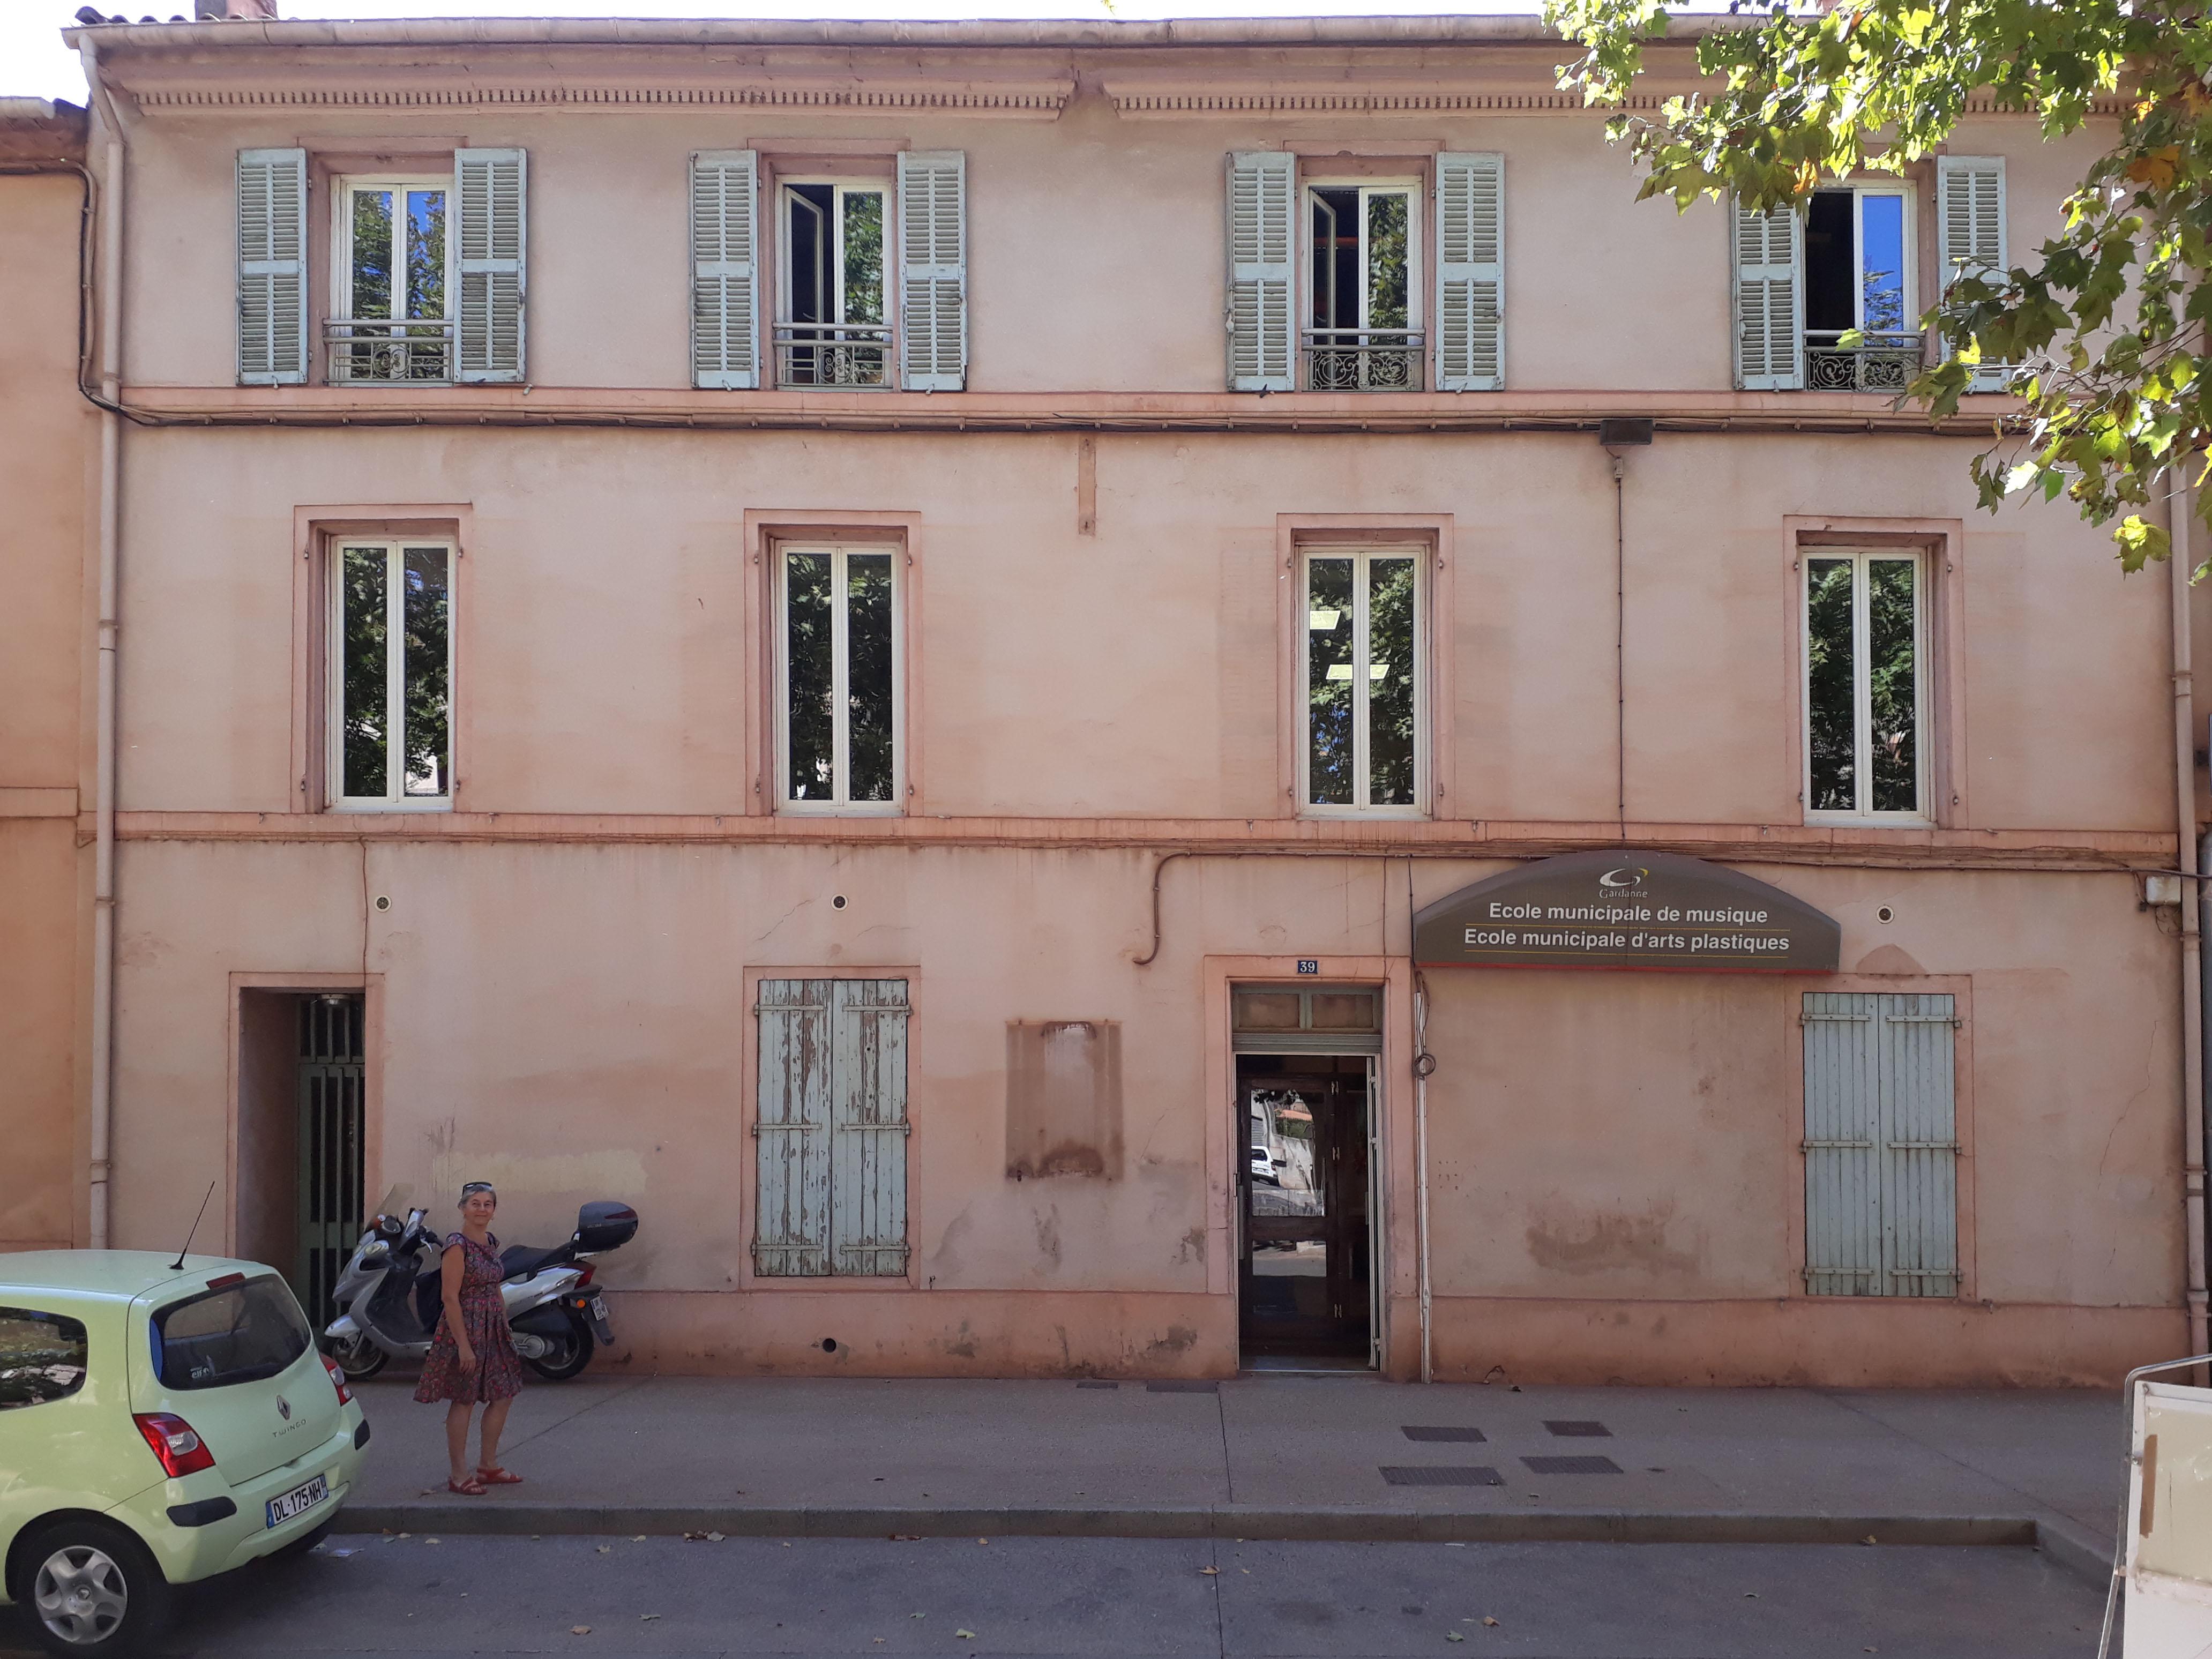 École municipale d'arts plastiques de Gardanne